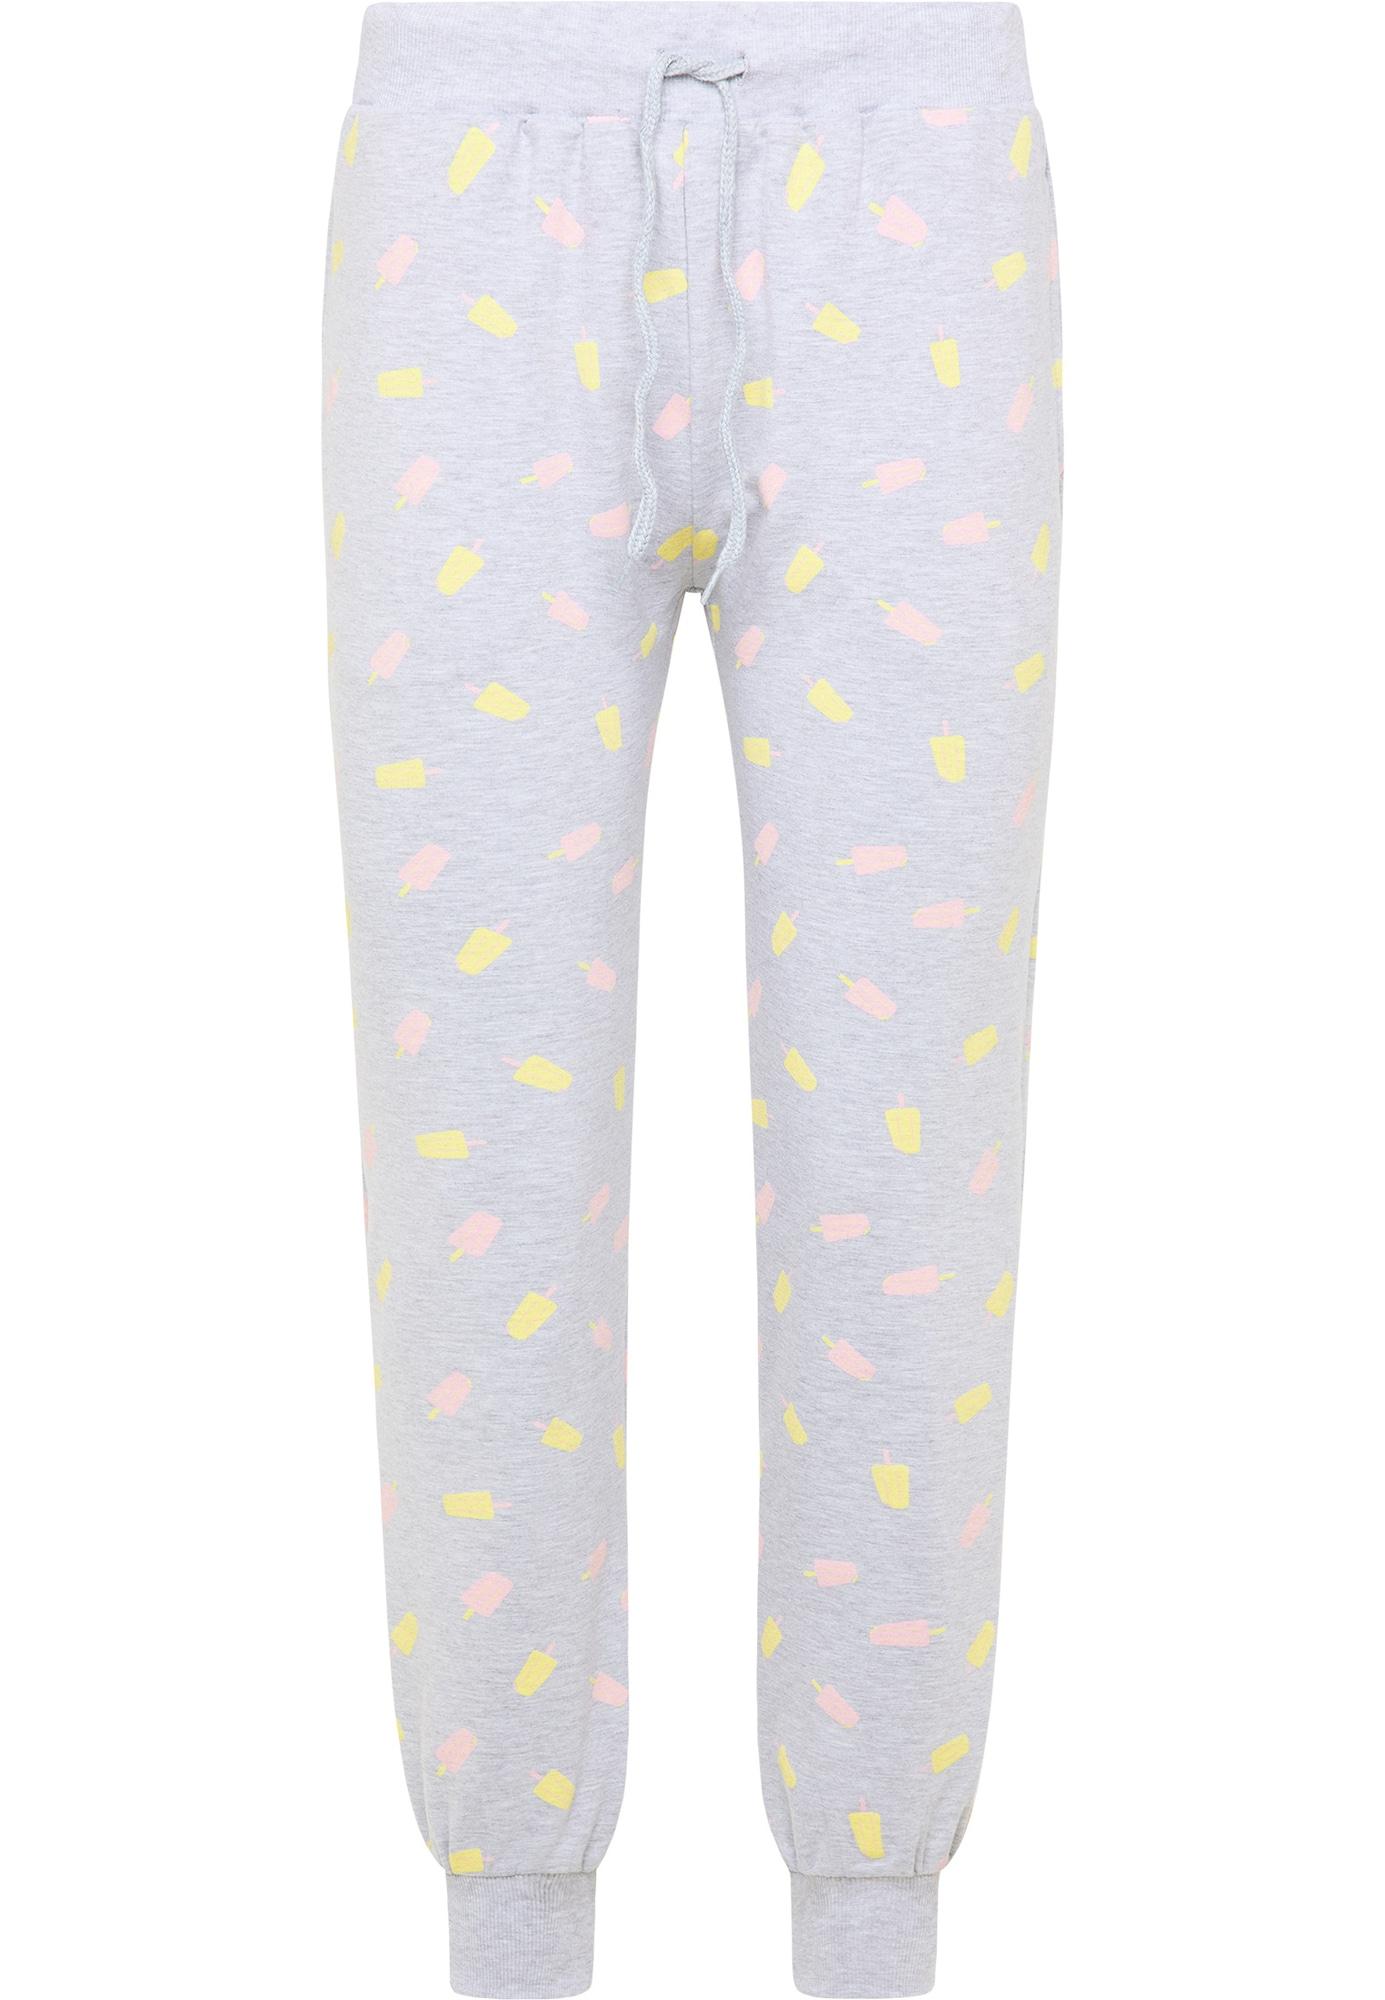 MYMO Kelnės margai pilka / šviesiai rožinė / šviesiai geltona